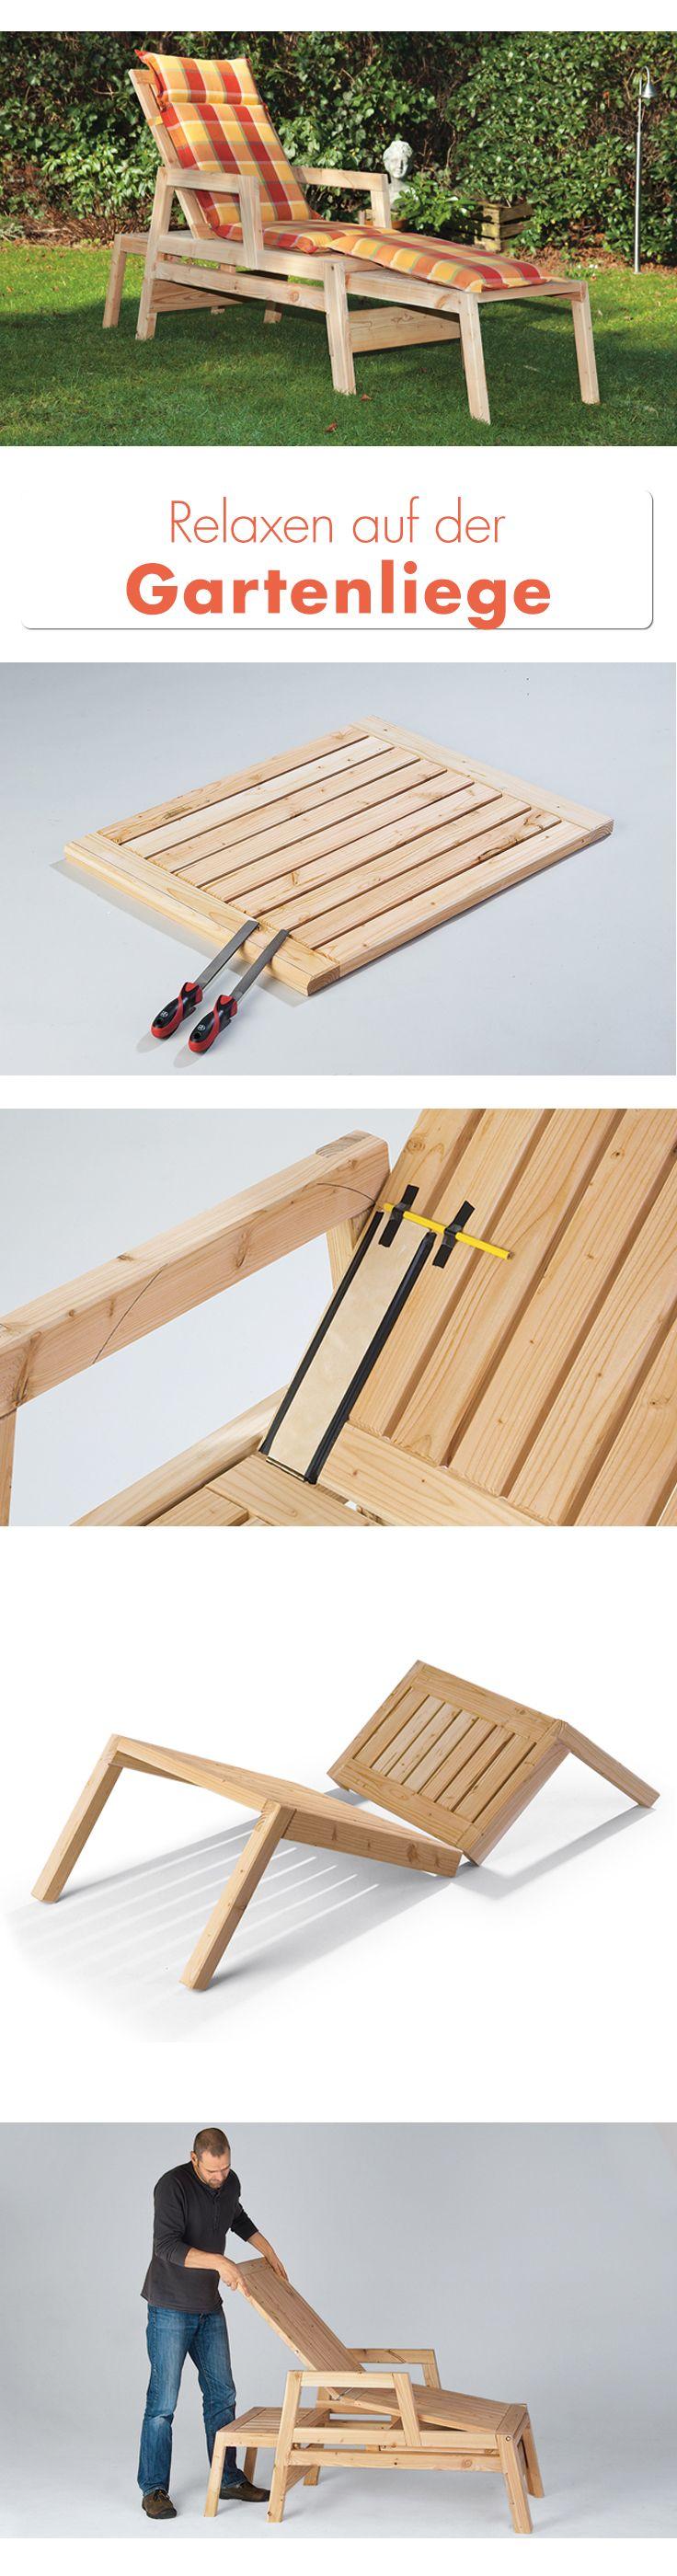 25+ Best Ideas About Liegestuhl Holz On Pinterest | Chaiselongue ... Design Gartenliegen Relaxen Freien